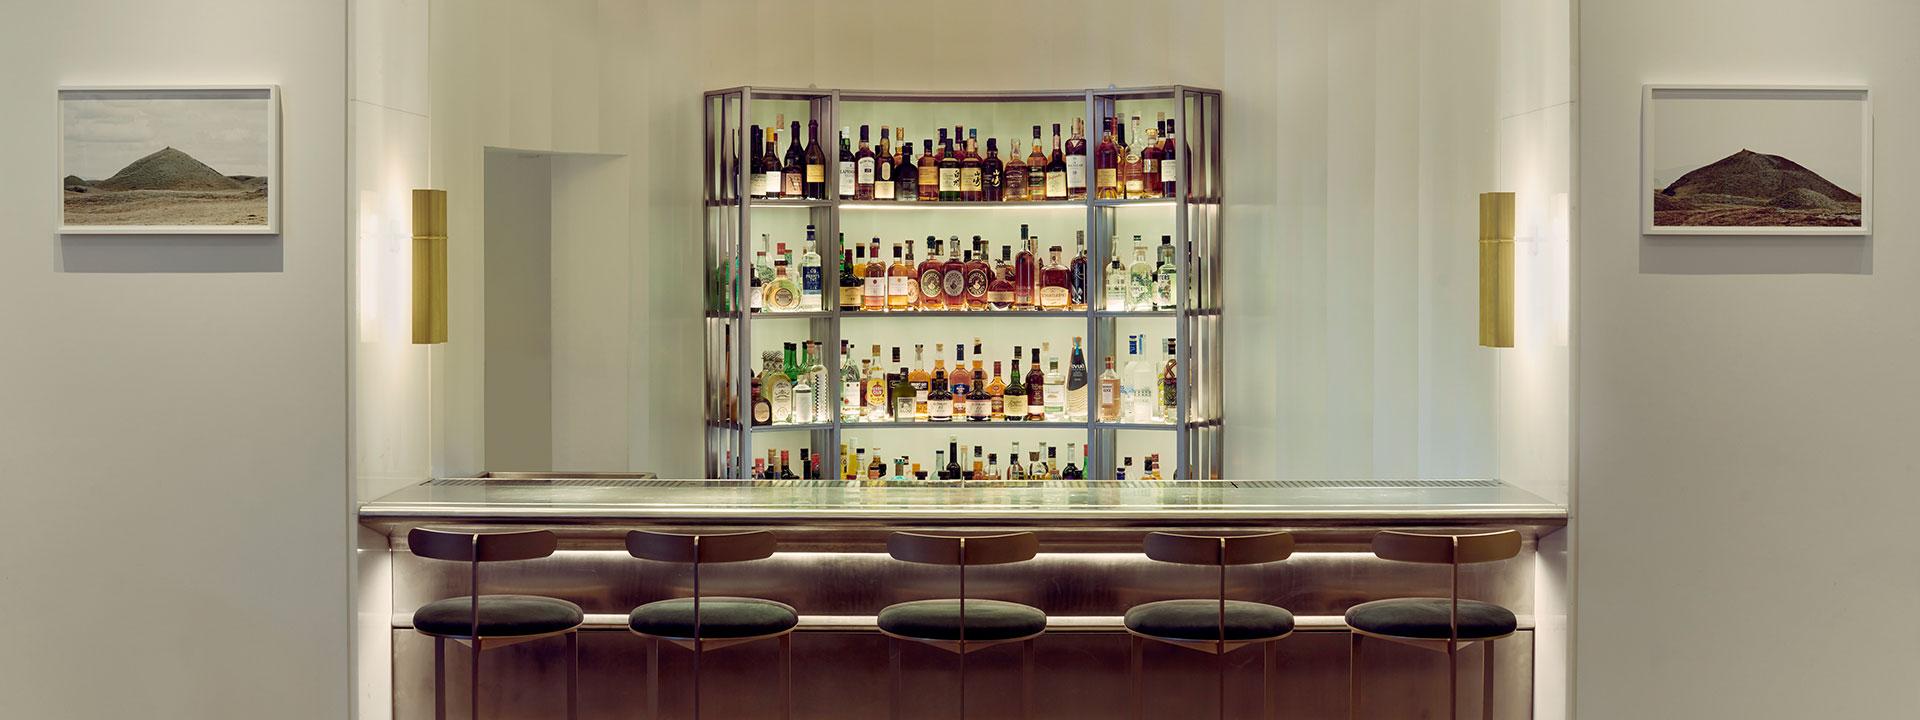 Bar counter, stools and spirits on display at Davies and Brook Bar in Mayfair at Claridge's